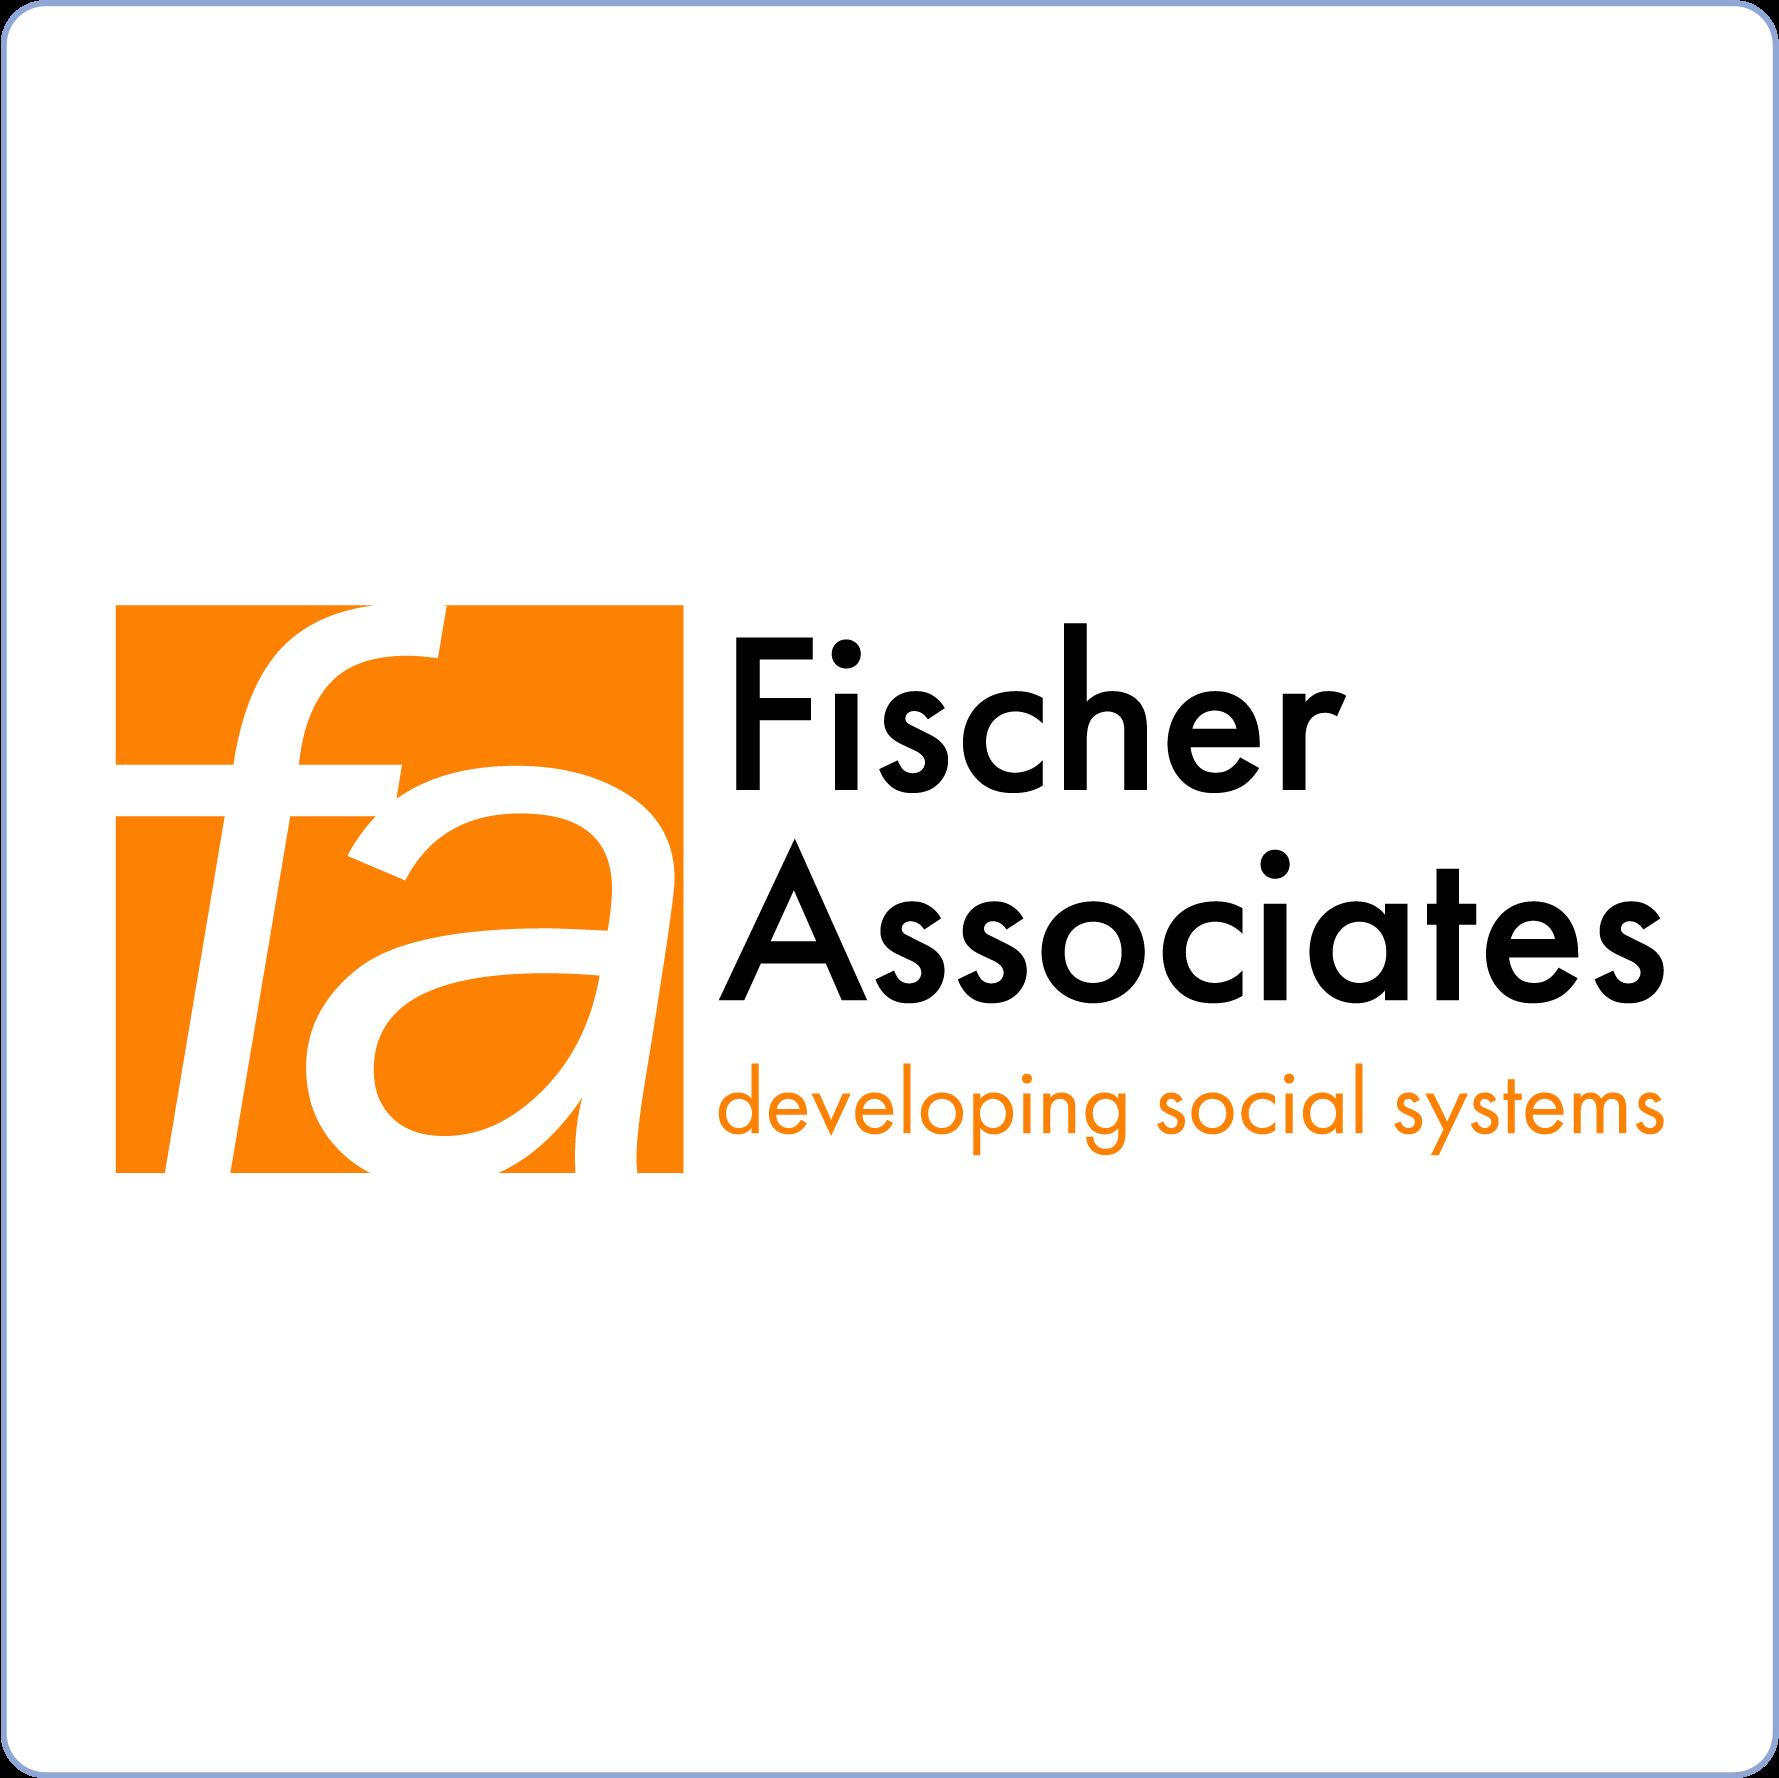 Fischer Associates logo